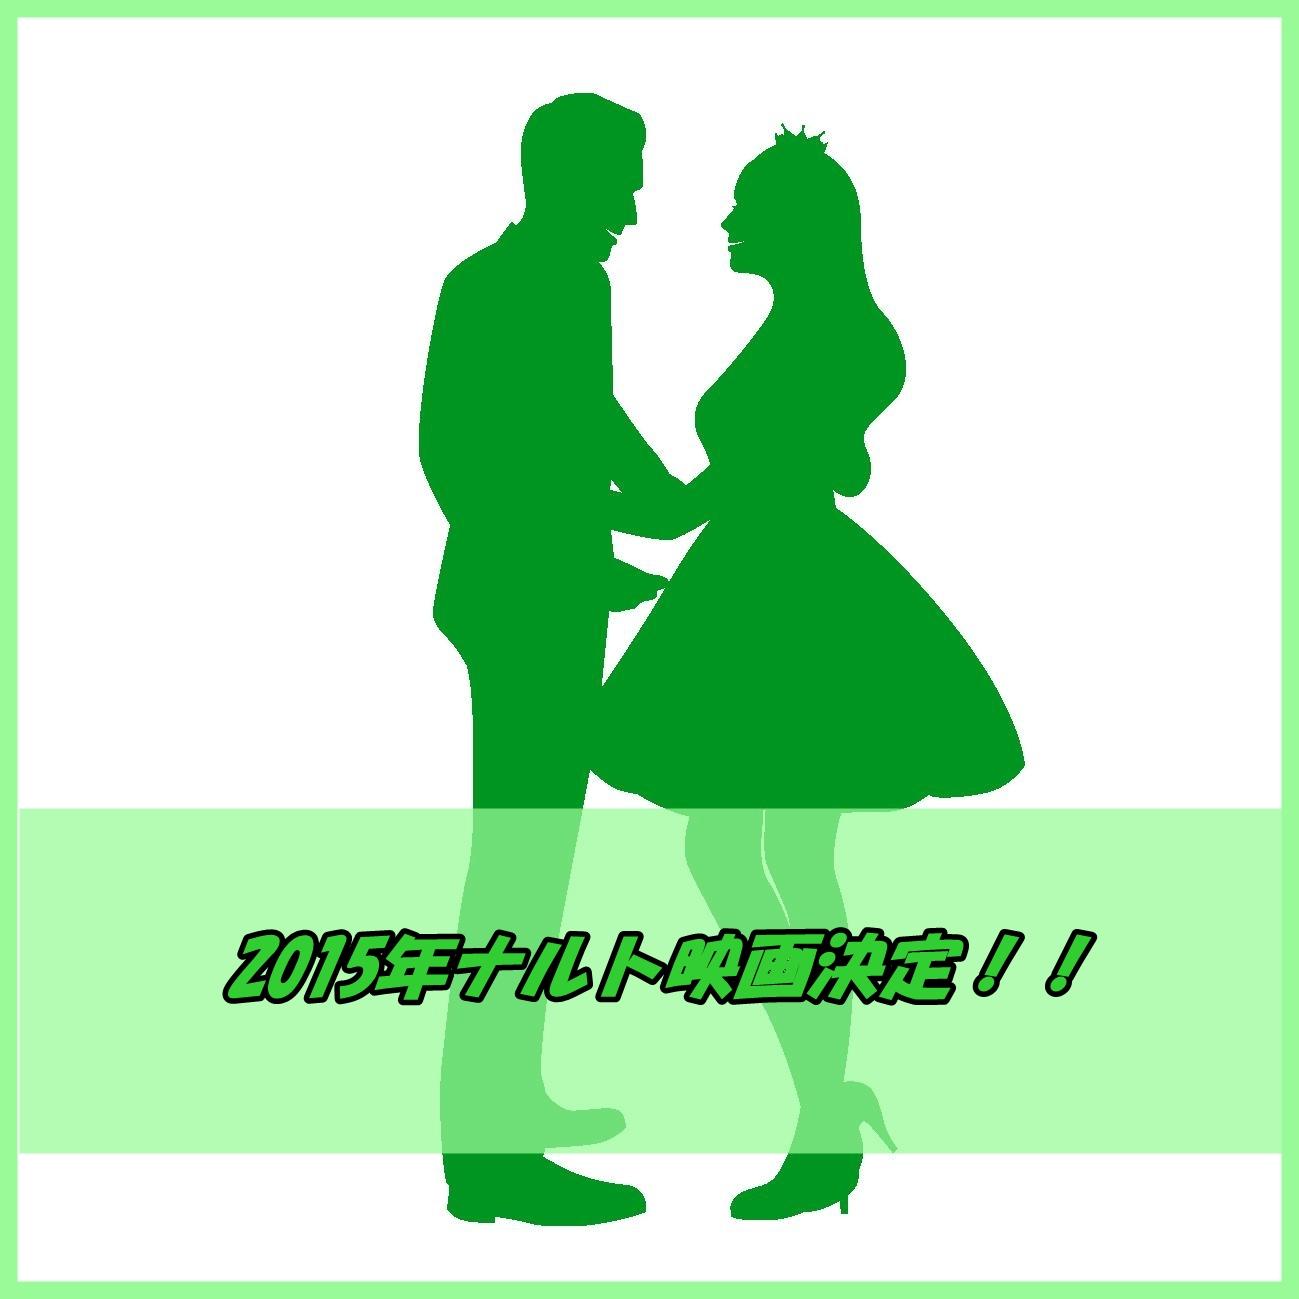 映画ナルト2015のネタバレ、あらすじ予想!ボルトとサラダの恋は?